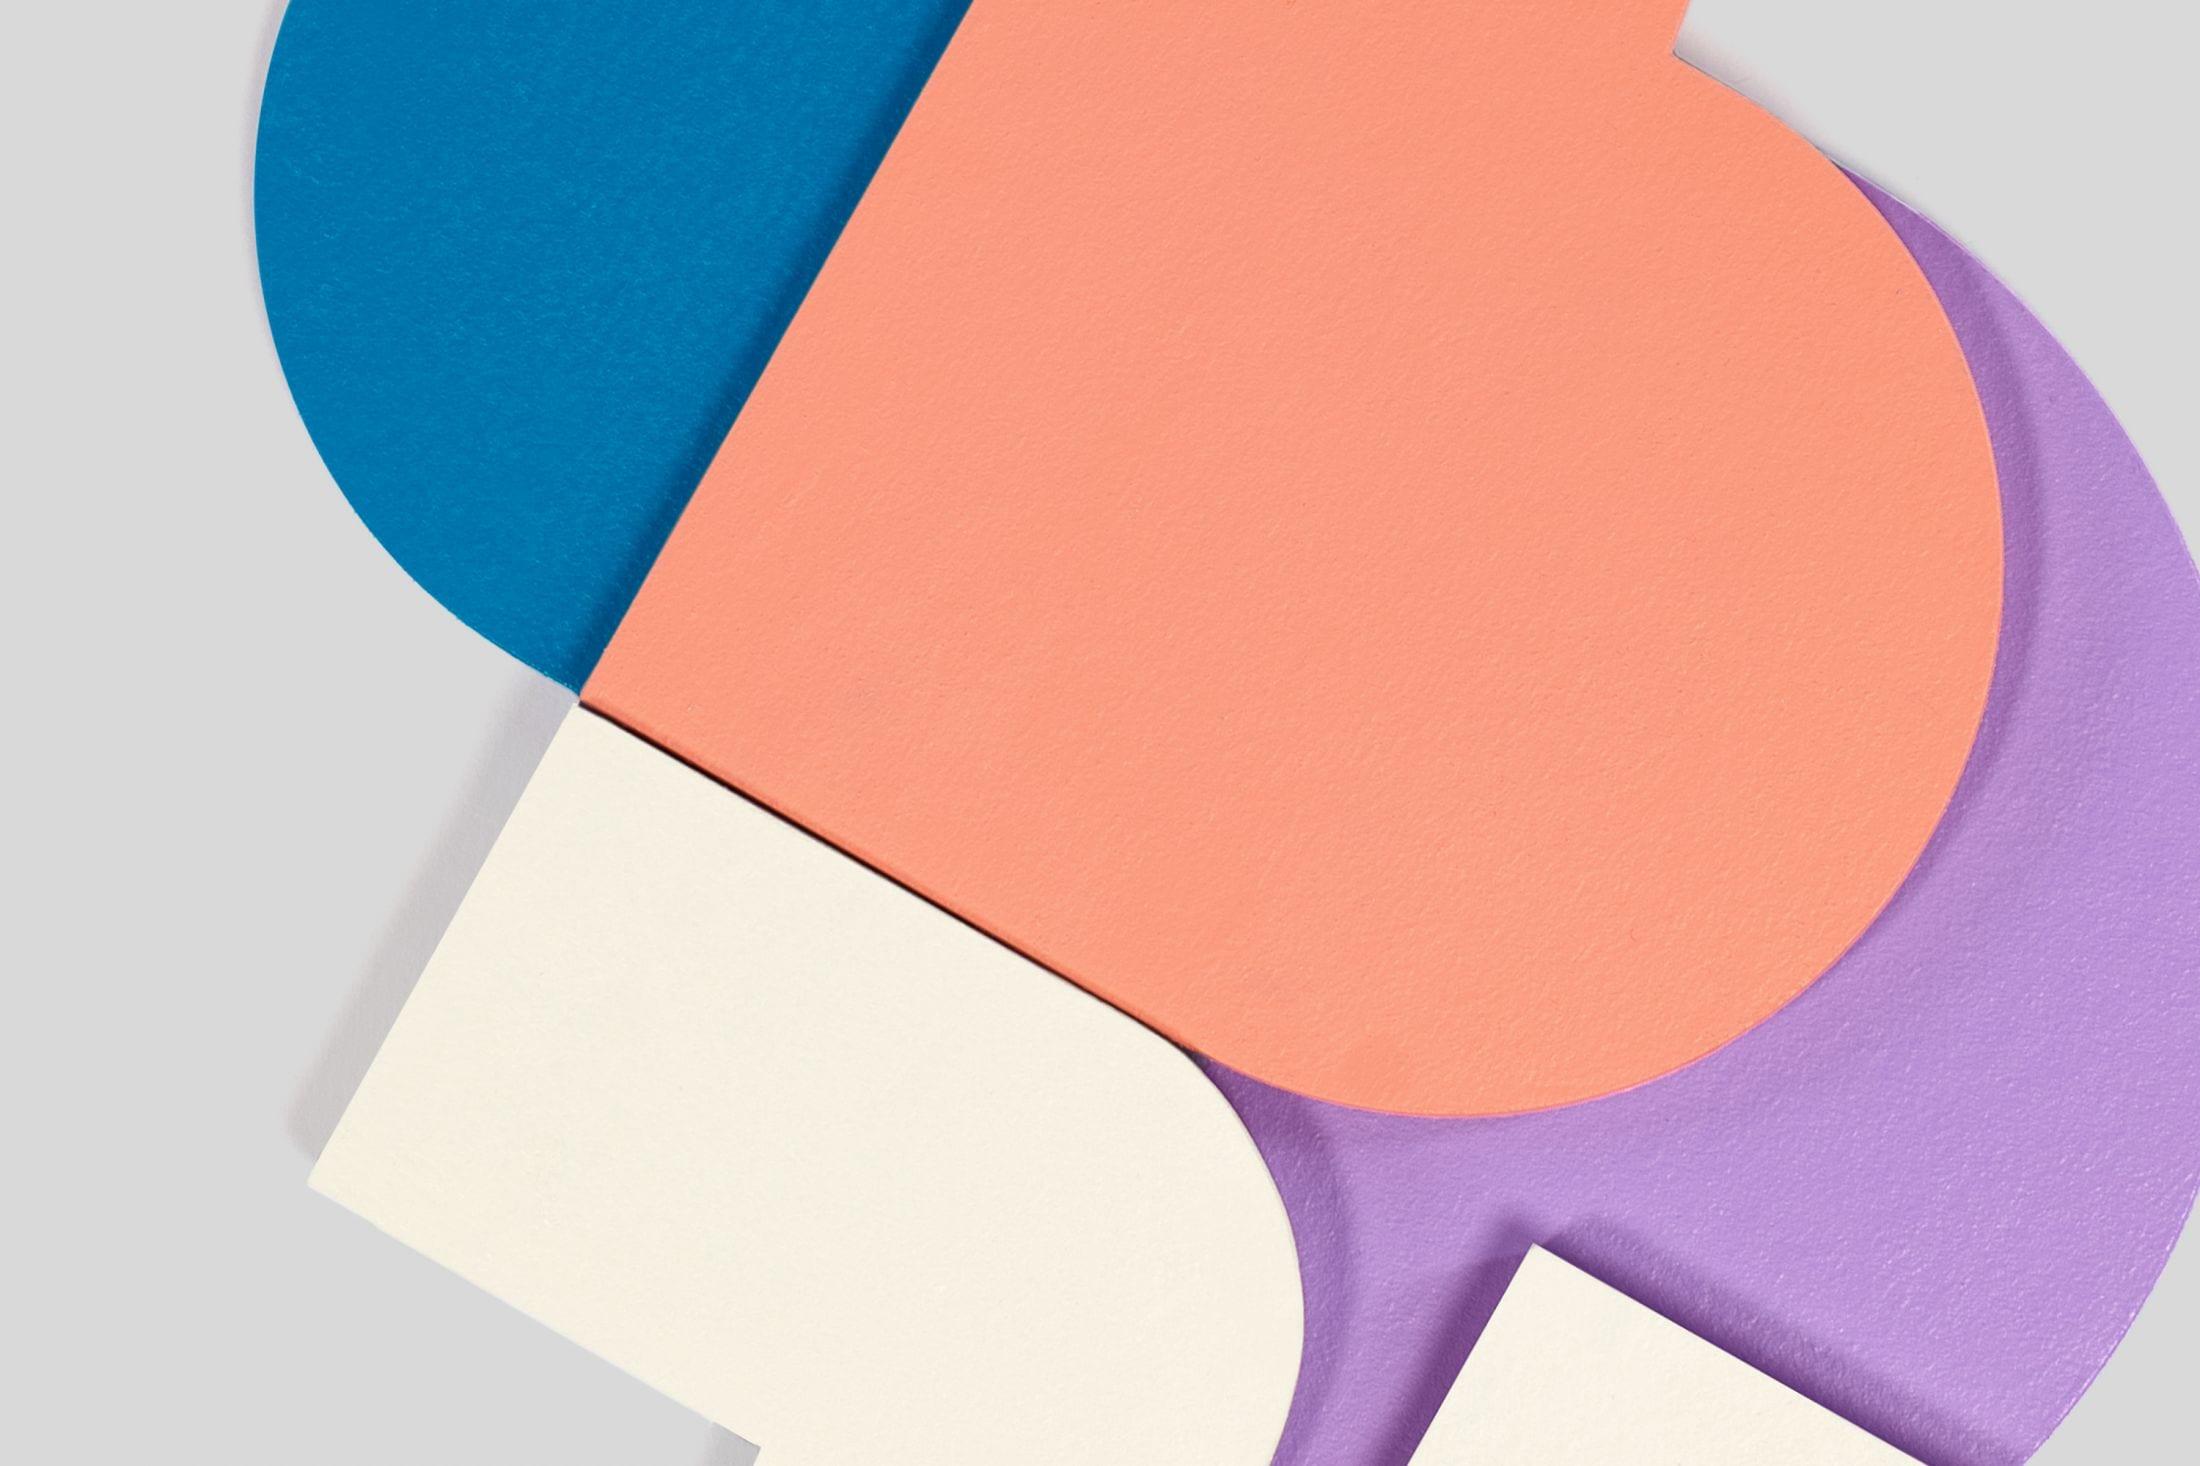 5f1aaca907000cd6f10a1b893053e21273a5d78f 2200 - Nová geometrická vizuální identita a web pro Women's Creative Collective